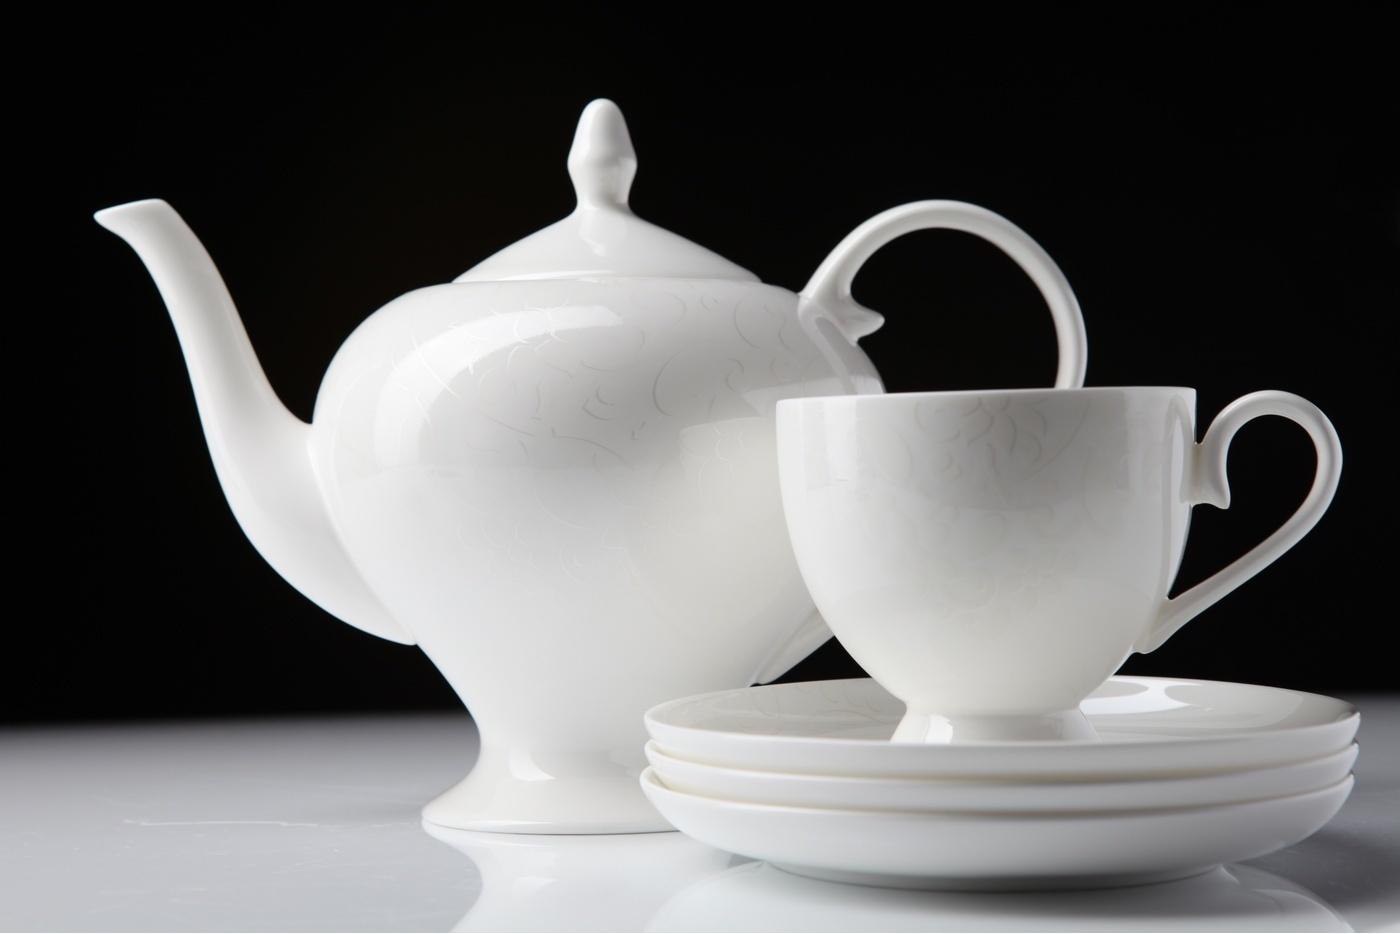 Чайный сервиз Royal Aurel Облака арт.106, 15 предметовЧайные сервизы<br>Чайный сервиз Royal Aurel Облака арт.106, 15 предметов<br><br><br><br><br><br><br><br><br><br><br>Чашка 270 мл,6 шт.<br>Блюдце 15 см,6 шт.<br>Чайник 1100 мл<br>Сахарница 370 мл<br><br><br><br><br><br><br><br><br>Молочник 300 мл<br><br><br><br><br><br><br><br><br>Производить посуду из фарфора начали в Китае на стыке 6-7 веков. Неустанно совершенствуя и селективно отбирая сырье для производства посуды из фарфора, мастерам удалось добиться выдающихся характеристик фарфора: белизны и тонкостенности. В XV веке появился особый интерес к китайской фарфоровой посуде, так как в это время Европе возникла мода на самобытные китайские вещи. Роскошный китайский фарфор являлся изыском и был в новинку, поэтому он выступал в качестве подарка королям, а также знатным людям. Такой дорогой подарок был очень престижен и по праву являлся элитной посудой. Как известно из многочисленных исторических документов, в Европе китайские изделия из фарфора ценились практически как золото. <br>Проверка изделий из костяного фарфора на подлинность <br>По сравнению с производством других видов фарфора процесс производства изделий из настоящего костяного фарфора сложен и весьма длителен. Посуда из изящного фарфора - это элитная посуда, которая всегда ассоциируется с богатством, величием и благородством. Несмотря на небольшую толщину, фарфоровая посуда - это очень прочное изделие. Для демонстрации плотности и прочности фарфора можно легко коснуться предметов посуды из фарфора деревянной палочкой, и тогда мы услушим характерный металлический звон. В составе фарфоровой посуды присутствует костяная зола, благодаря чему она может быть намного тоньше (не более 2,5 мм) и легче твердого или мягкого фарфора. Безупречная белизна - ключевой признак отличия такого фарфора от других. Цвет обычного фарфора сероватый или ближе к голубоватому, а костяной фарфор будет всегда будет молочно-белого цвета. Характерная и немаловажная деталь - это невес